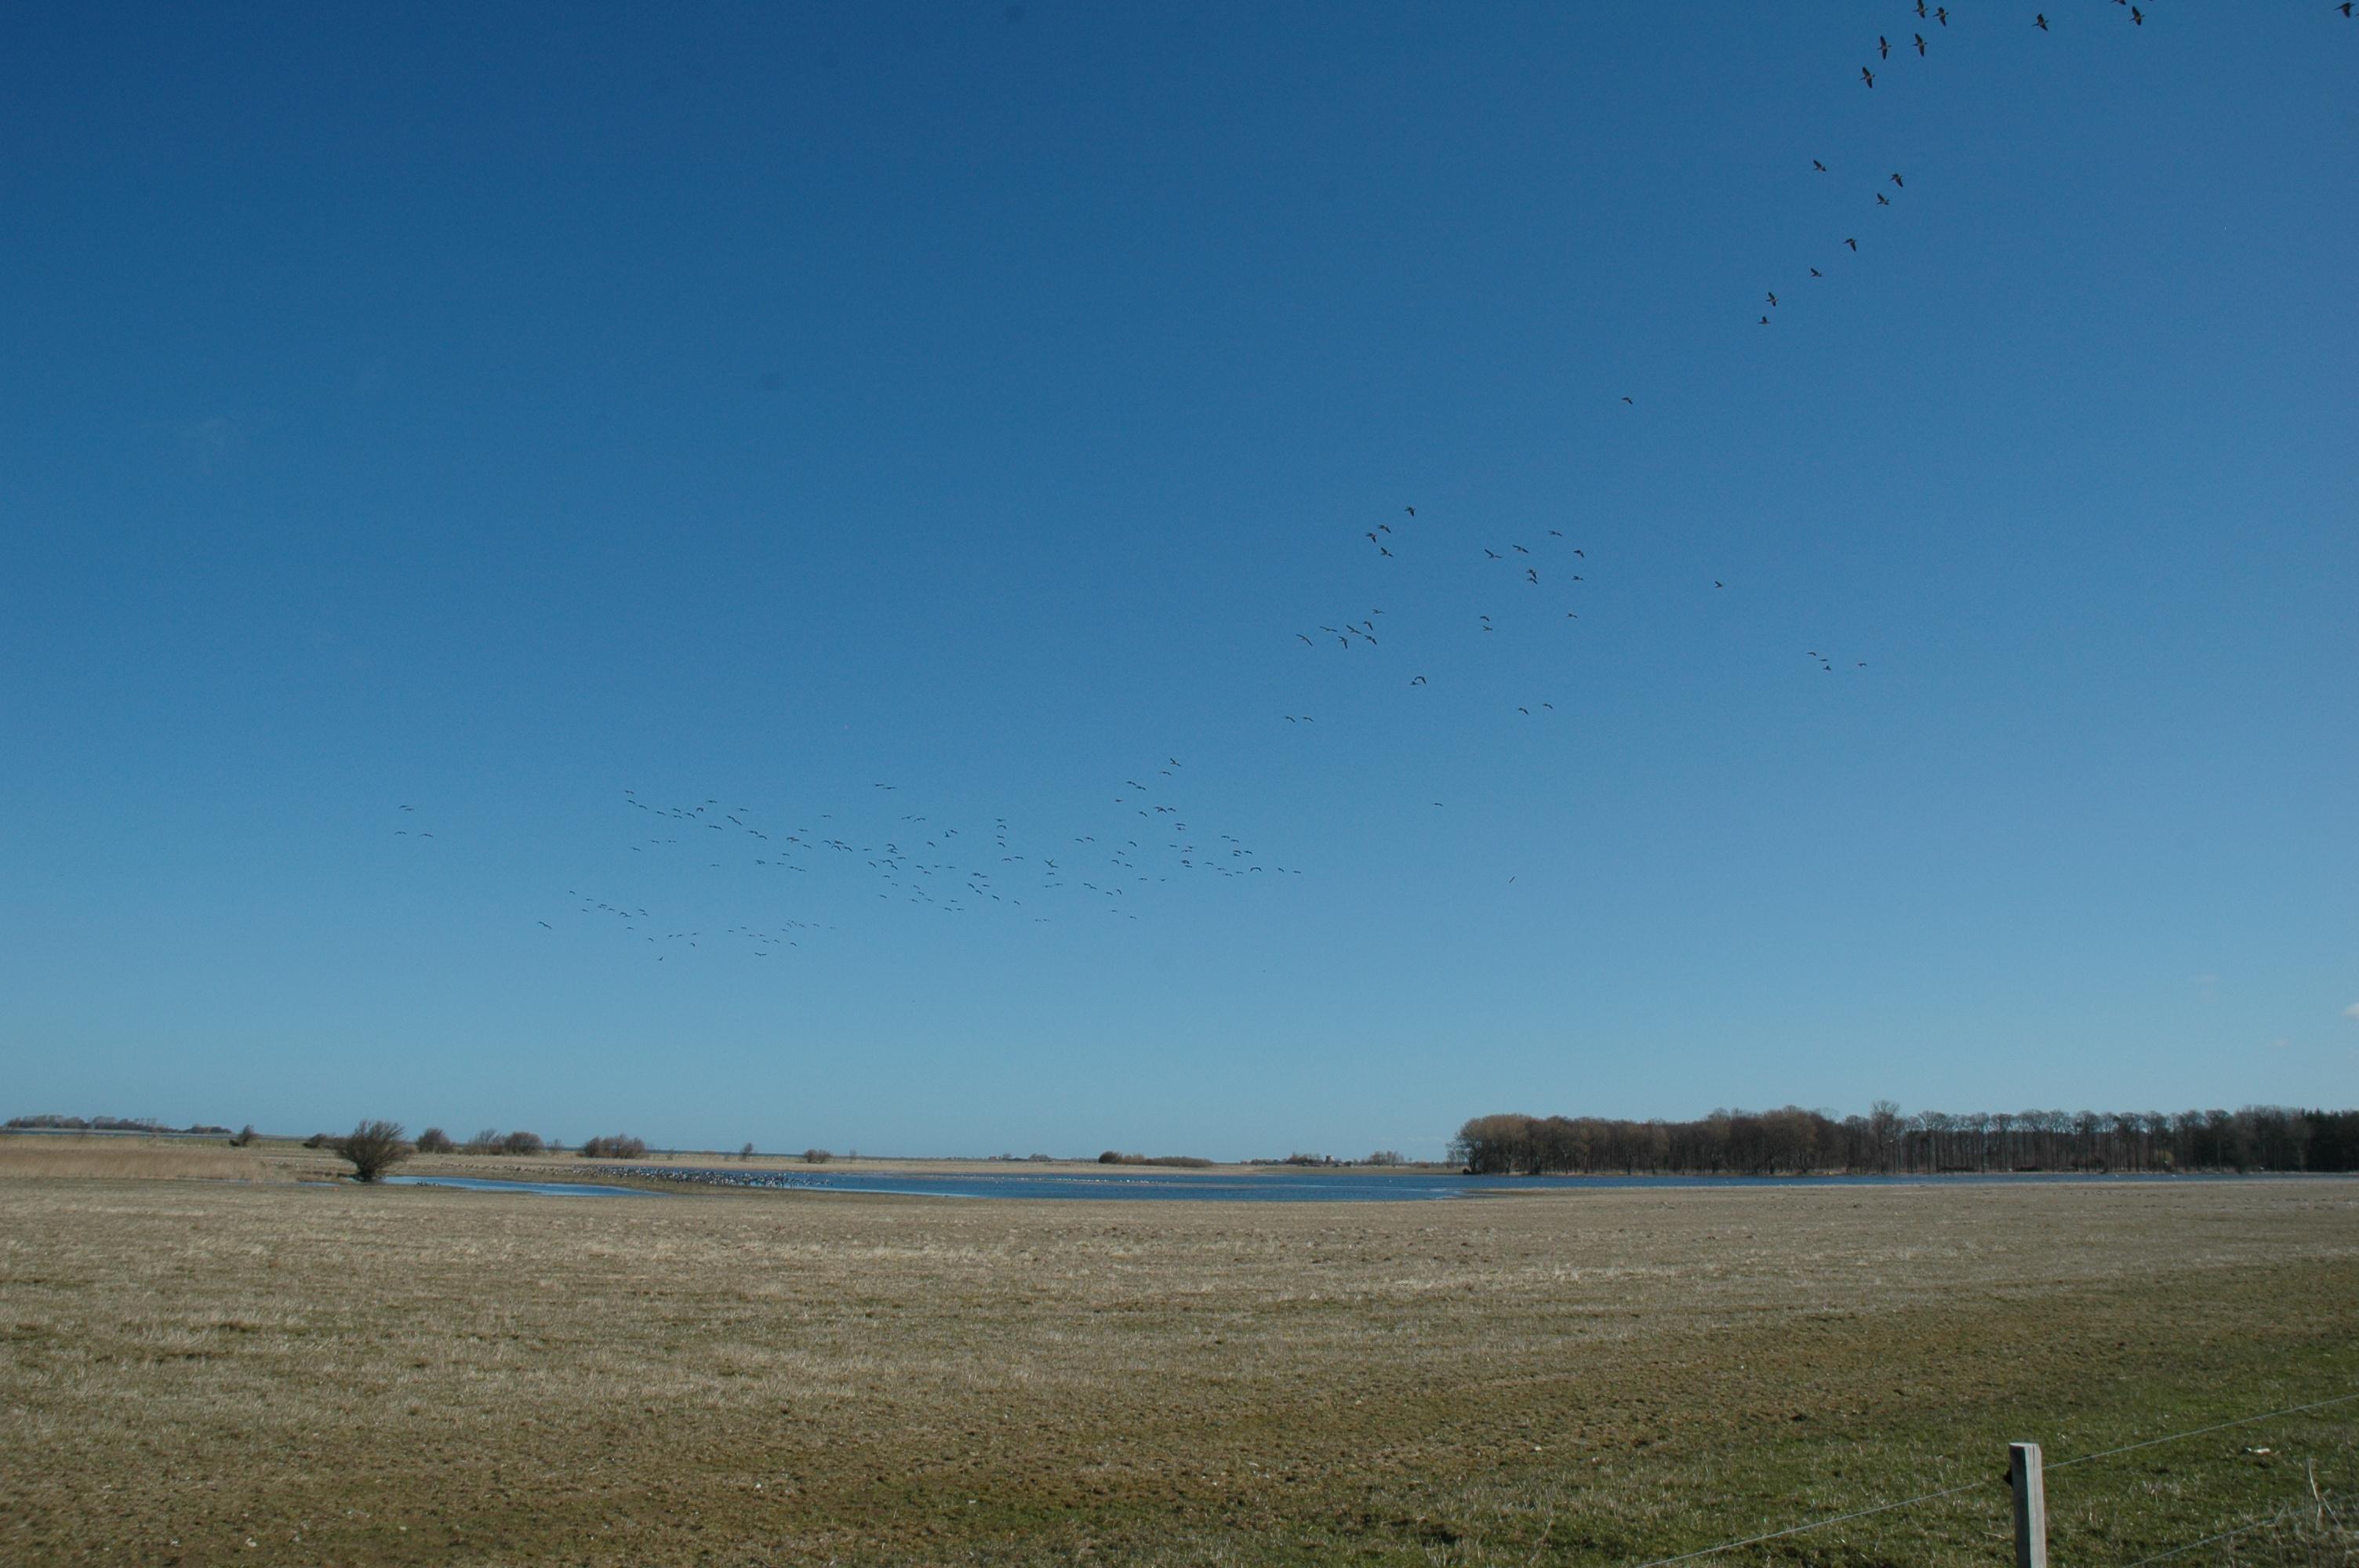 Gyldensteen Inddæmmede Strand ved Bogense